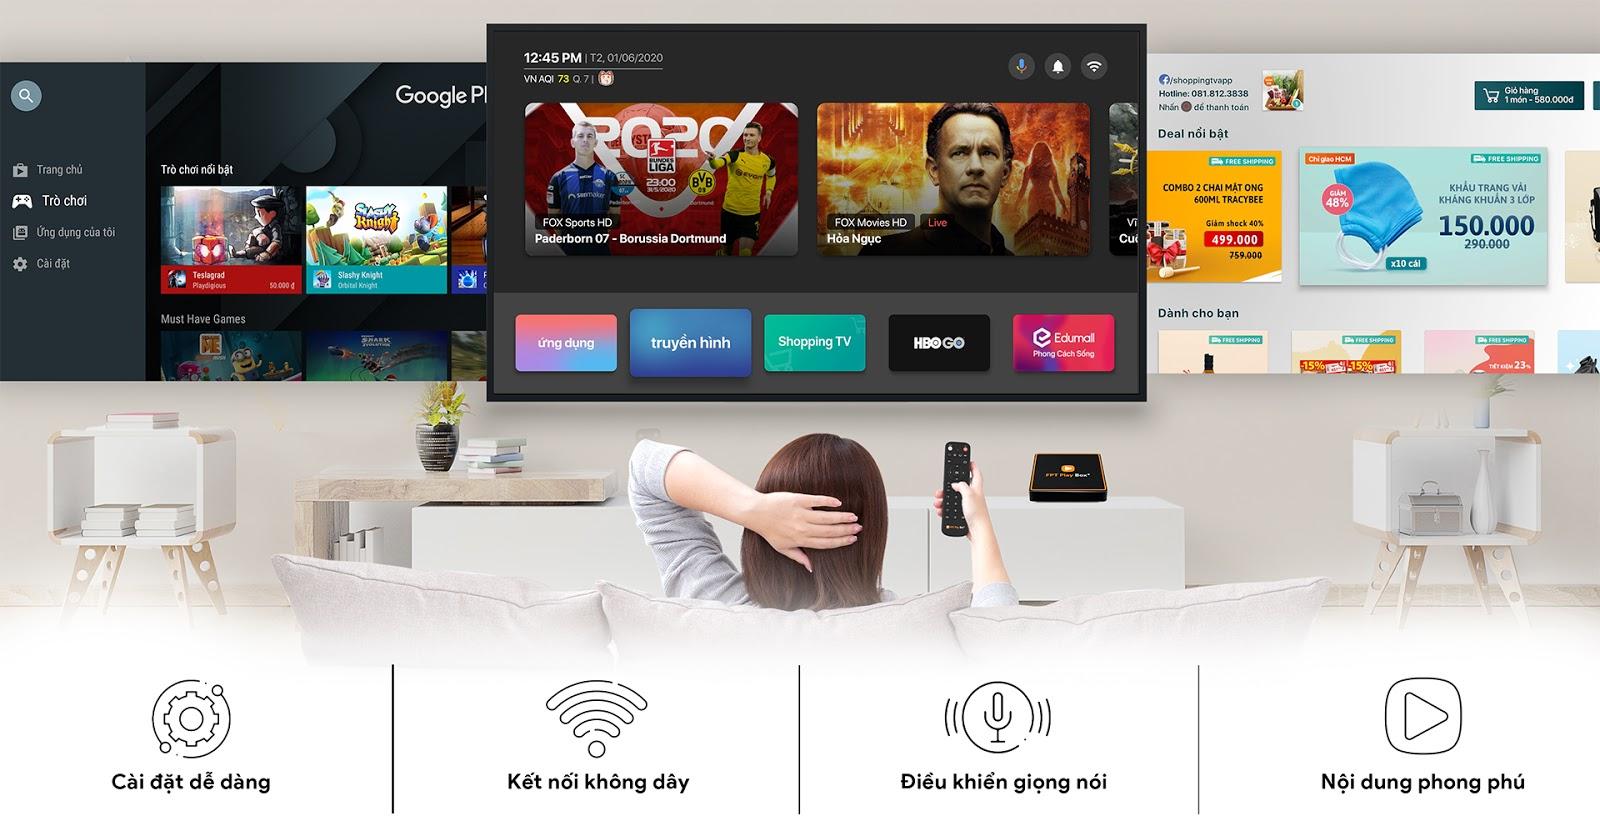 Chiếc TV Box chạy Android TV 10 đầu tiên tại Việt Nam